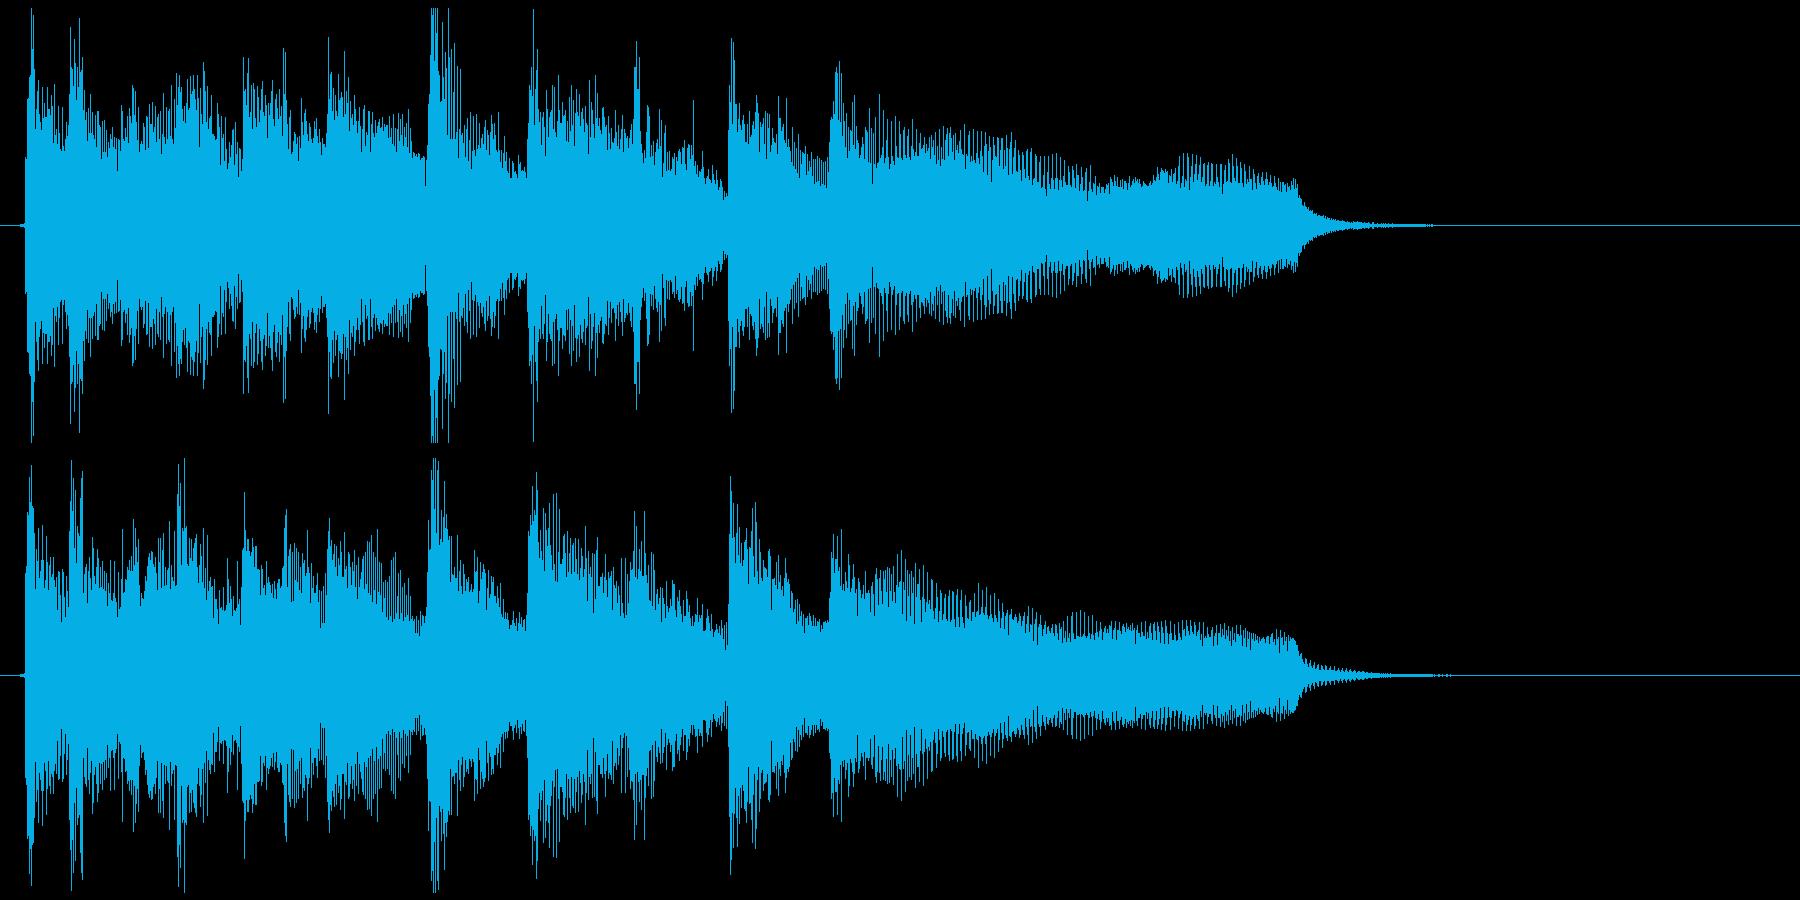 爽快なジャズファンクのアイキャッチの再生済みの波形